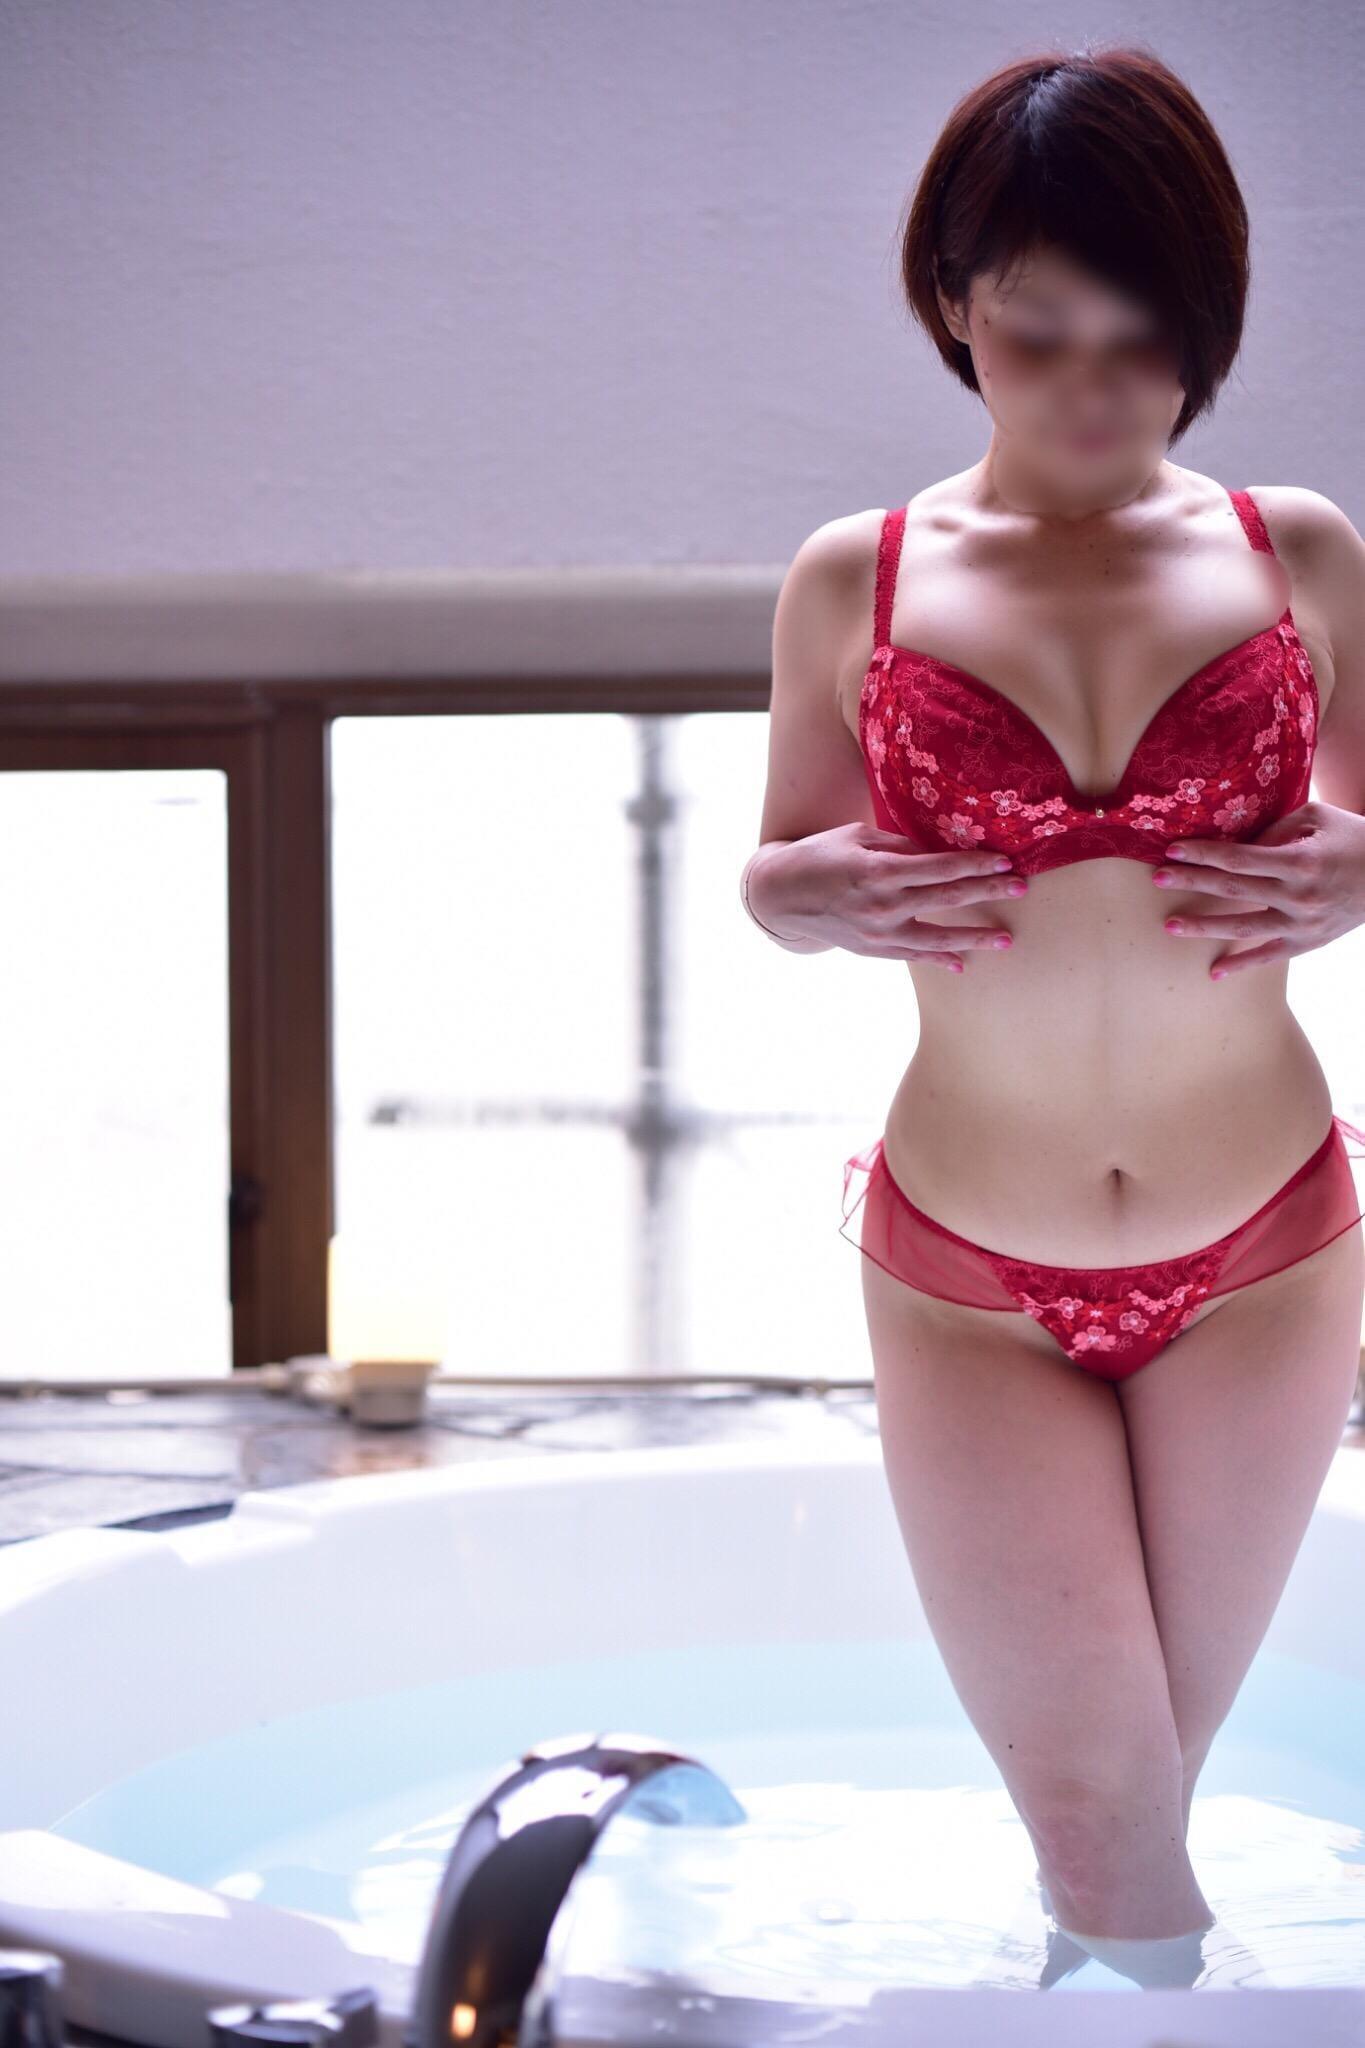 「ありがとうございました♫」07/30(月) 03:11 | さきの写メ・風俗動画